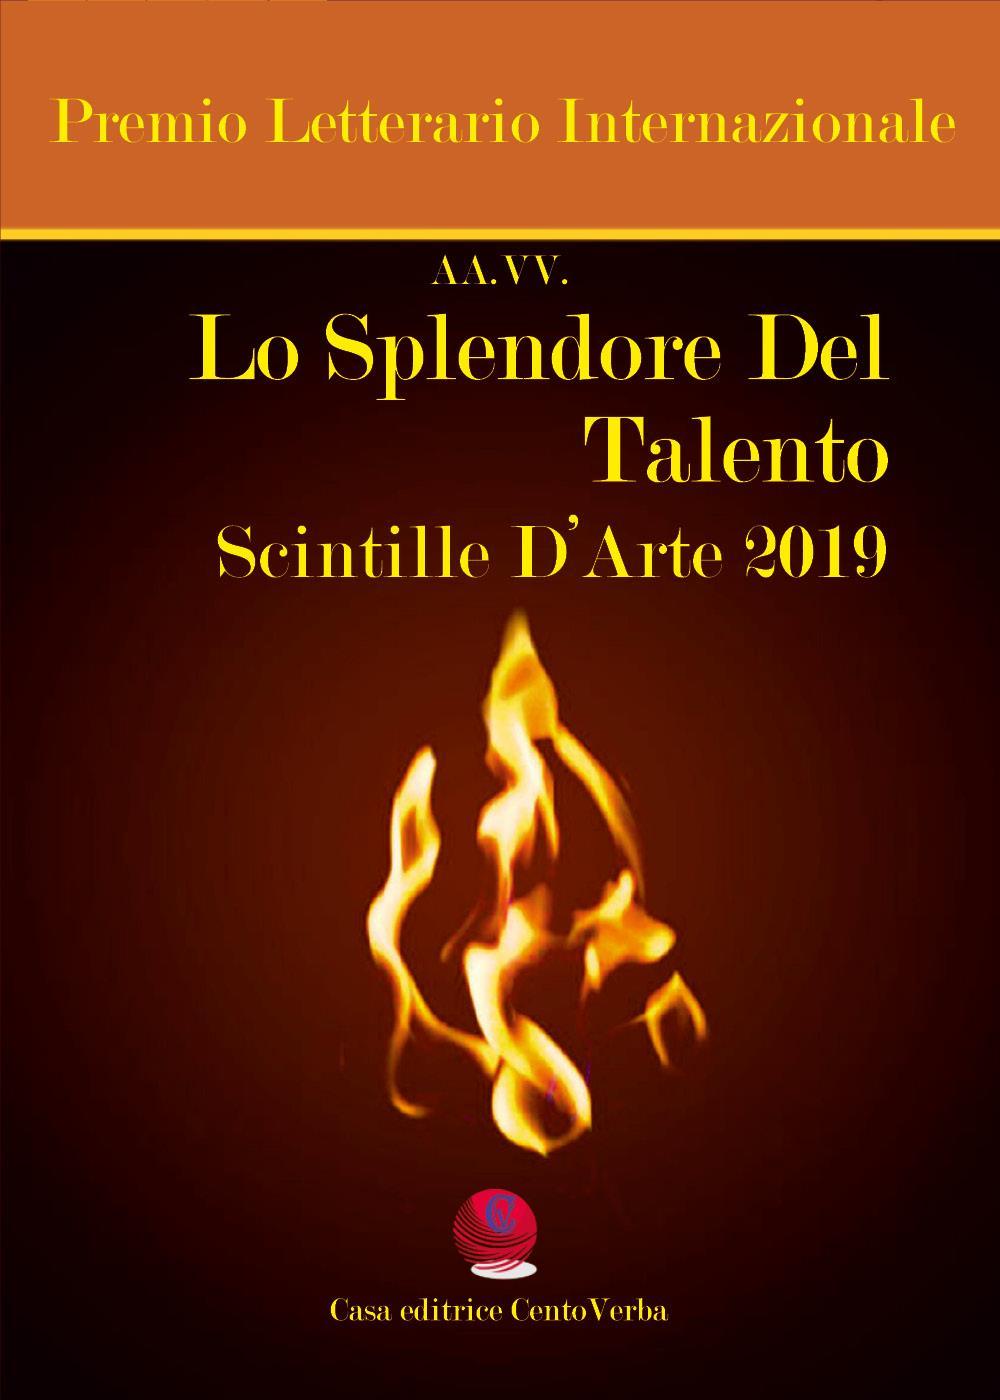 Lo splendore del talento. Scintille d'arte 2019. Premio Letterario Internazionale